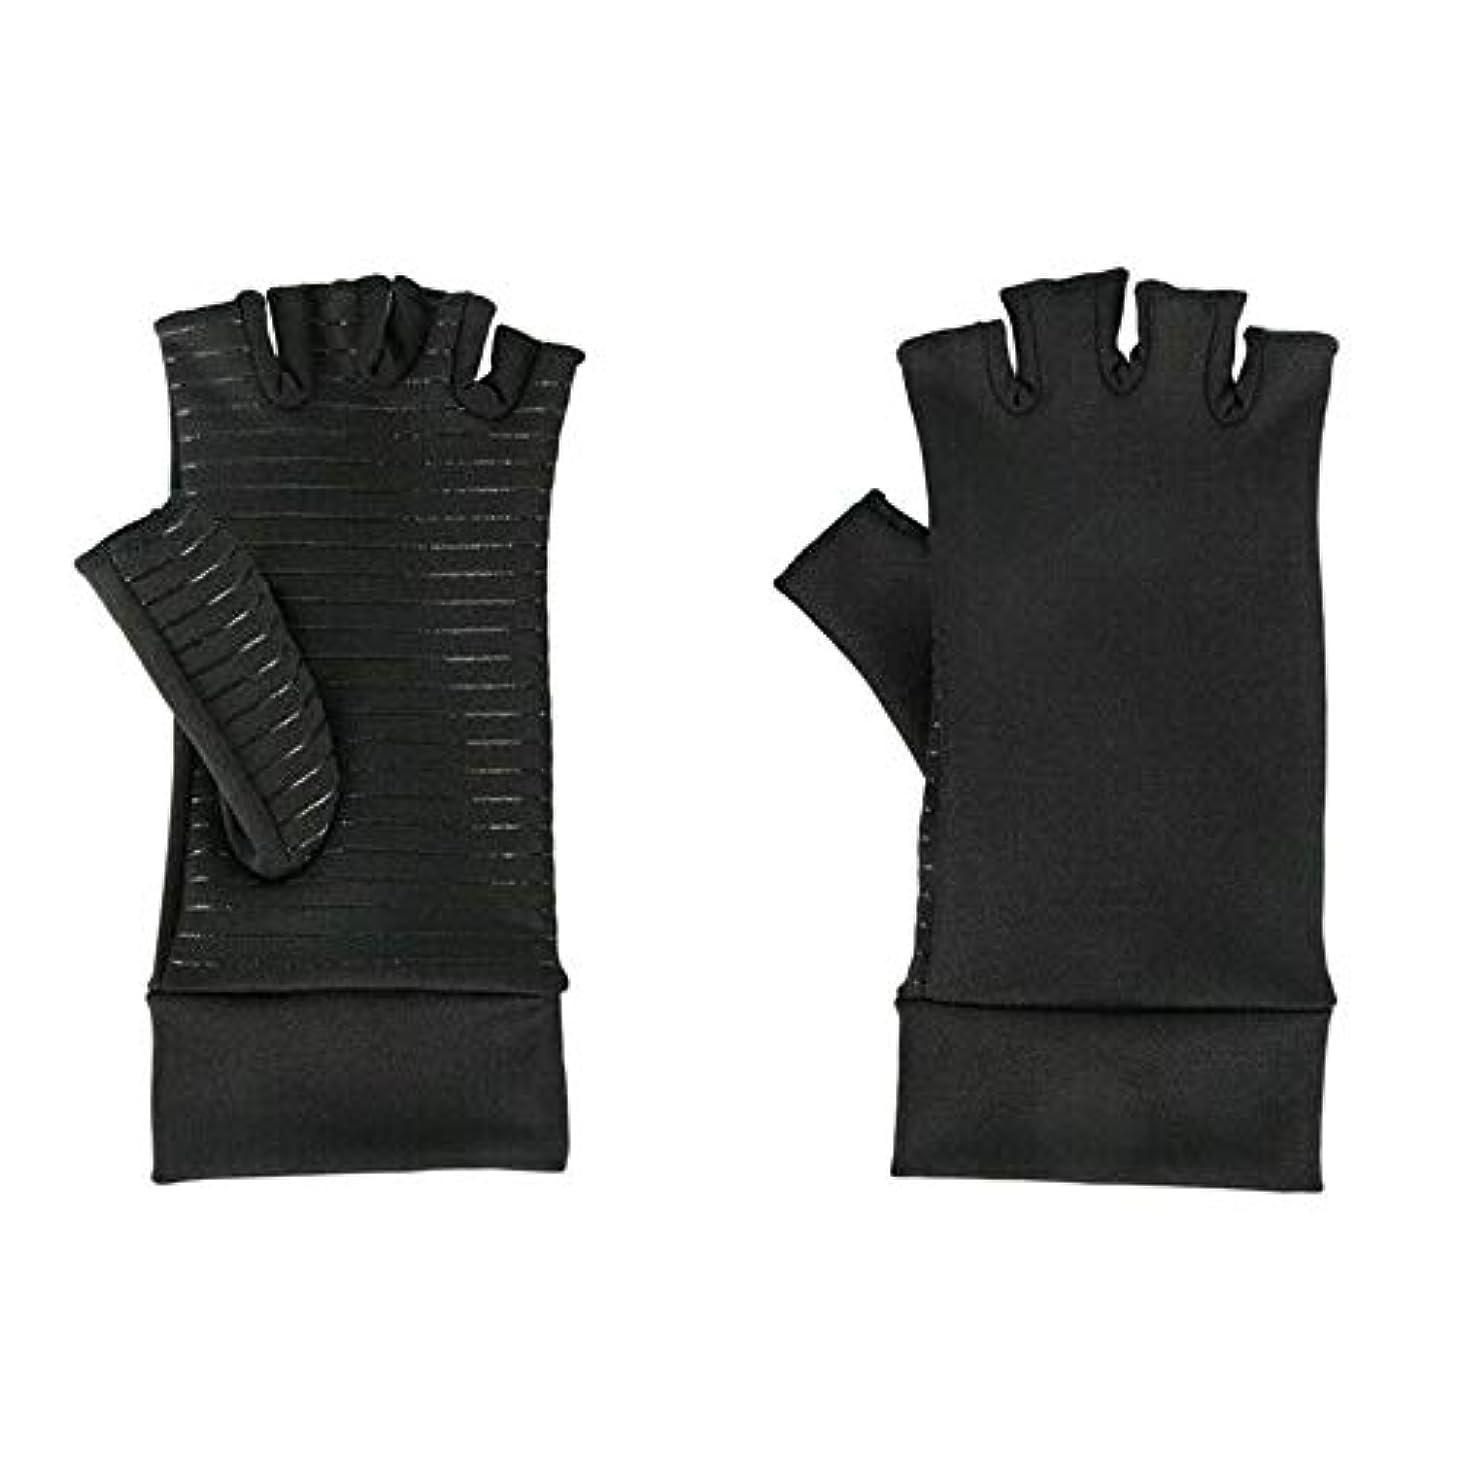 なしで社会科真っ逆さまACAMPTAR 圧縮手袋、関節炎、手根管、手首の装具、サポート、S